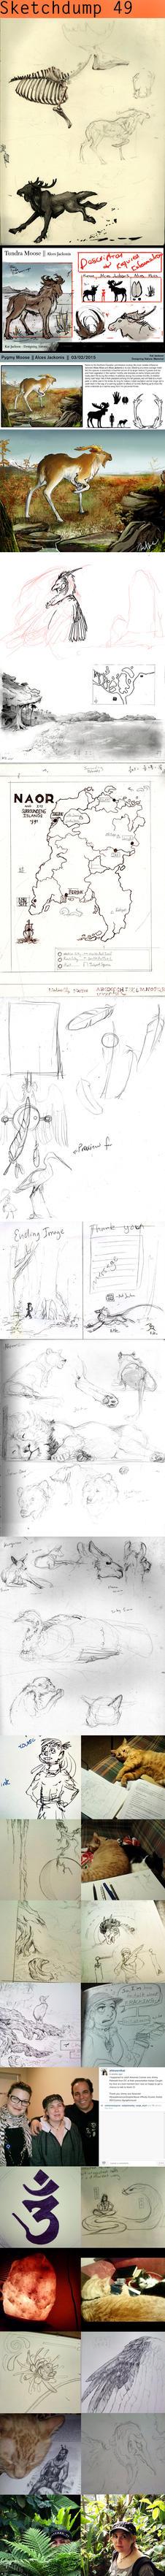 Sketchdump #49 by Ahkward